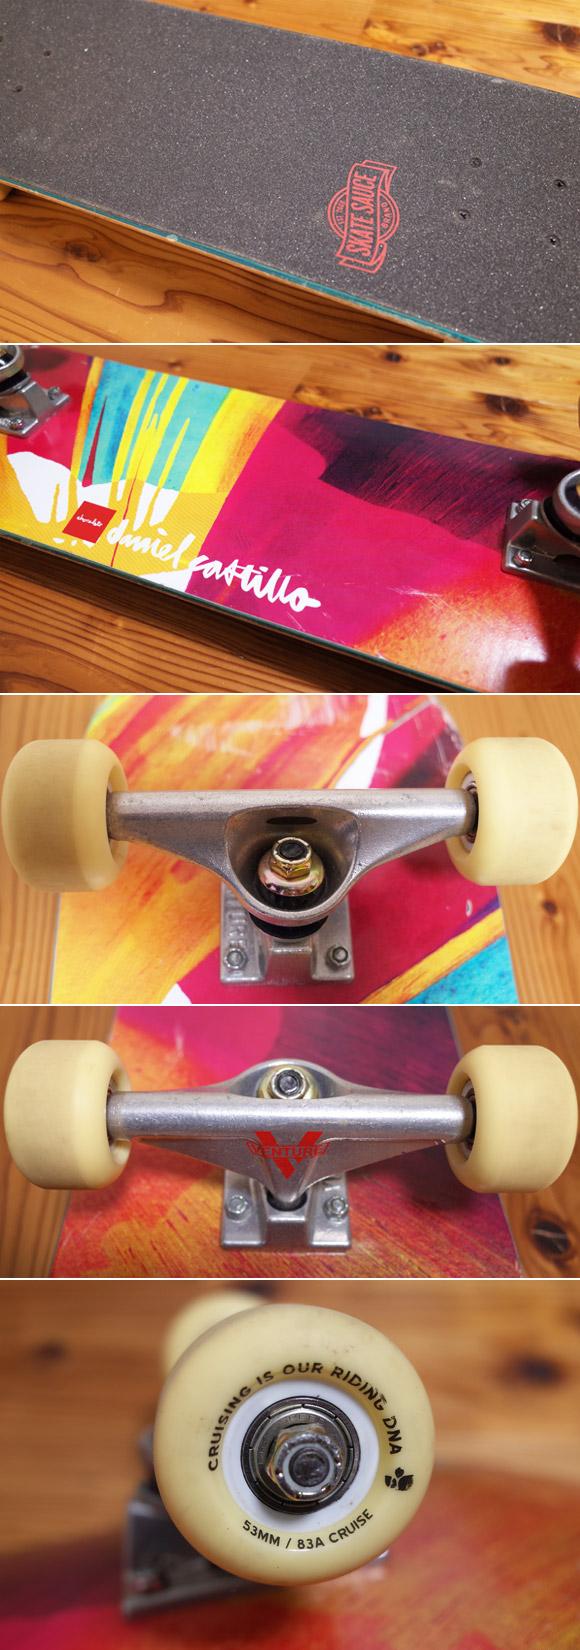 Chocolate 中古スケートボード Daniel Castillo 31 ウィールコンディション No.96291381